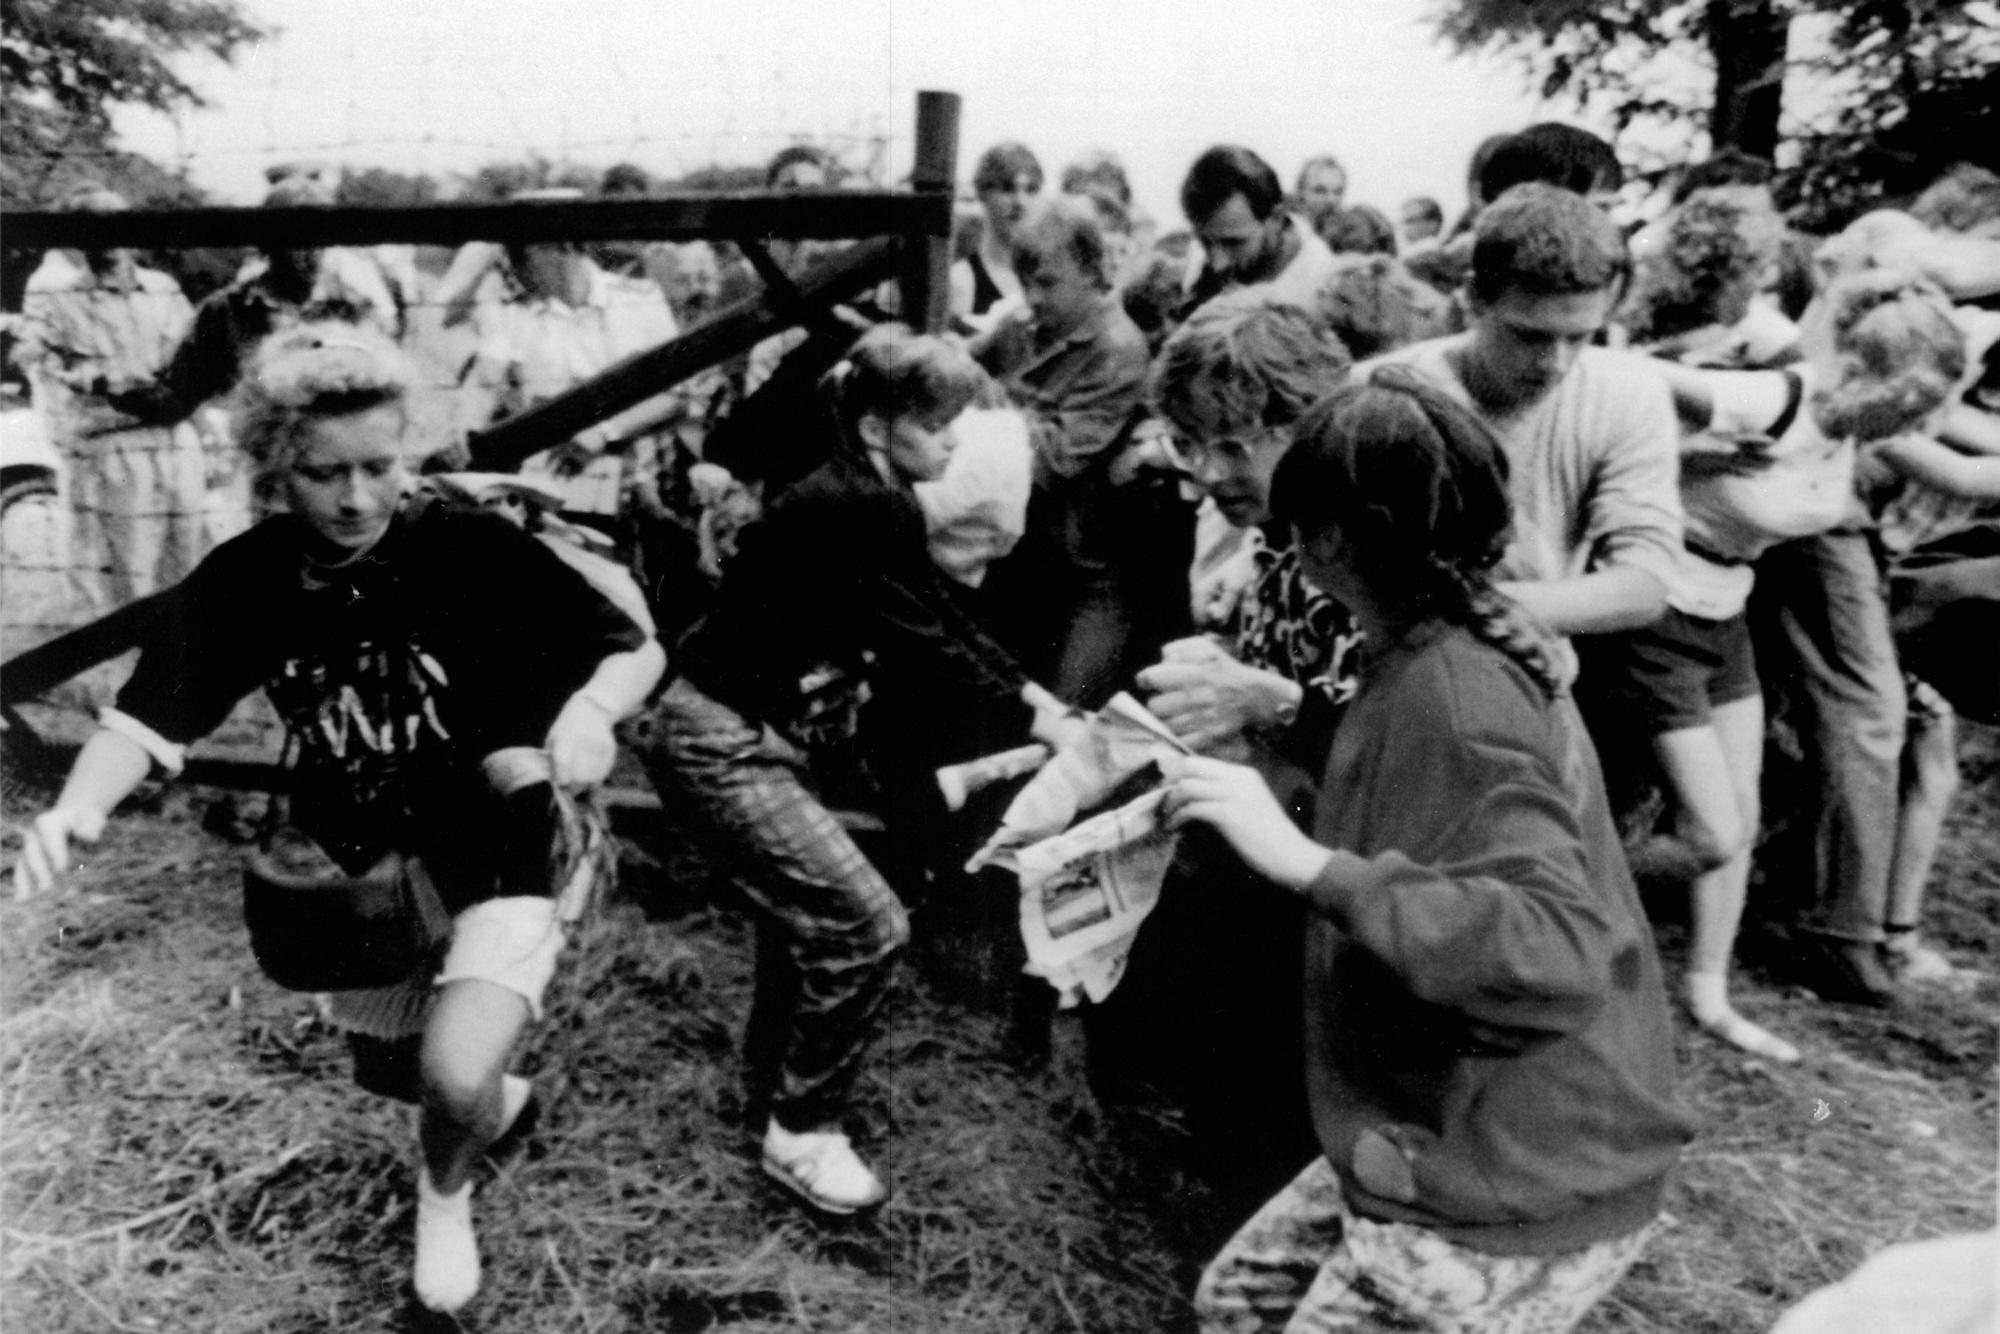 A több hete Magyarországon tartózkodó NDK-beli állampolgárok egy, mintegy háromszáz fõs csoportja tör át a magyar-osztrák határon lévõ mûszaki határzár kapuján, 1989. augusztus 19-én amikor a Sankt Margarethen és Sopron közötti úton a Páneurópai piknik alkalmából, a kijelölt átkelõt ideiglenesen megnyitották a Nyugatról érkezõk elõtt. Összesen 350 NDK-beli állampolgár menekül át Ausztriába / MTI/REUTER